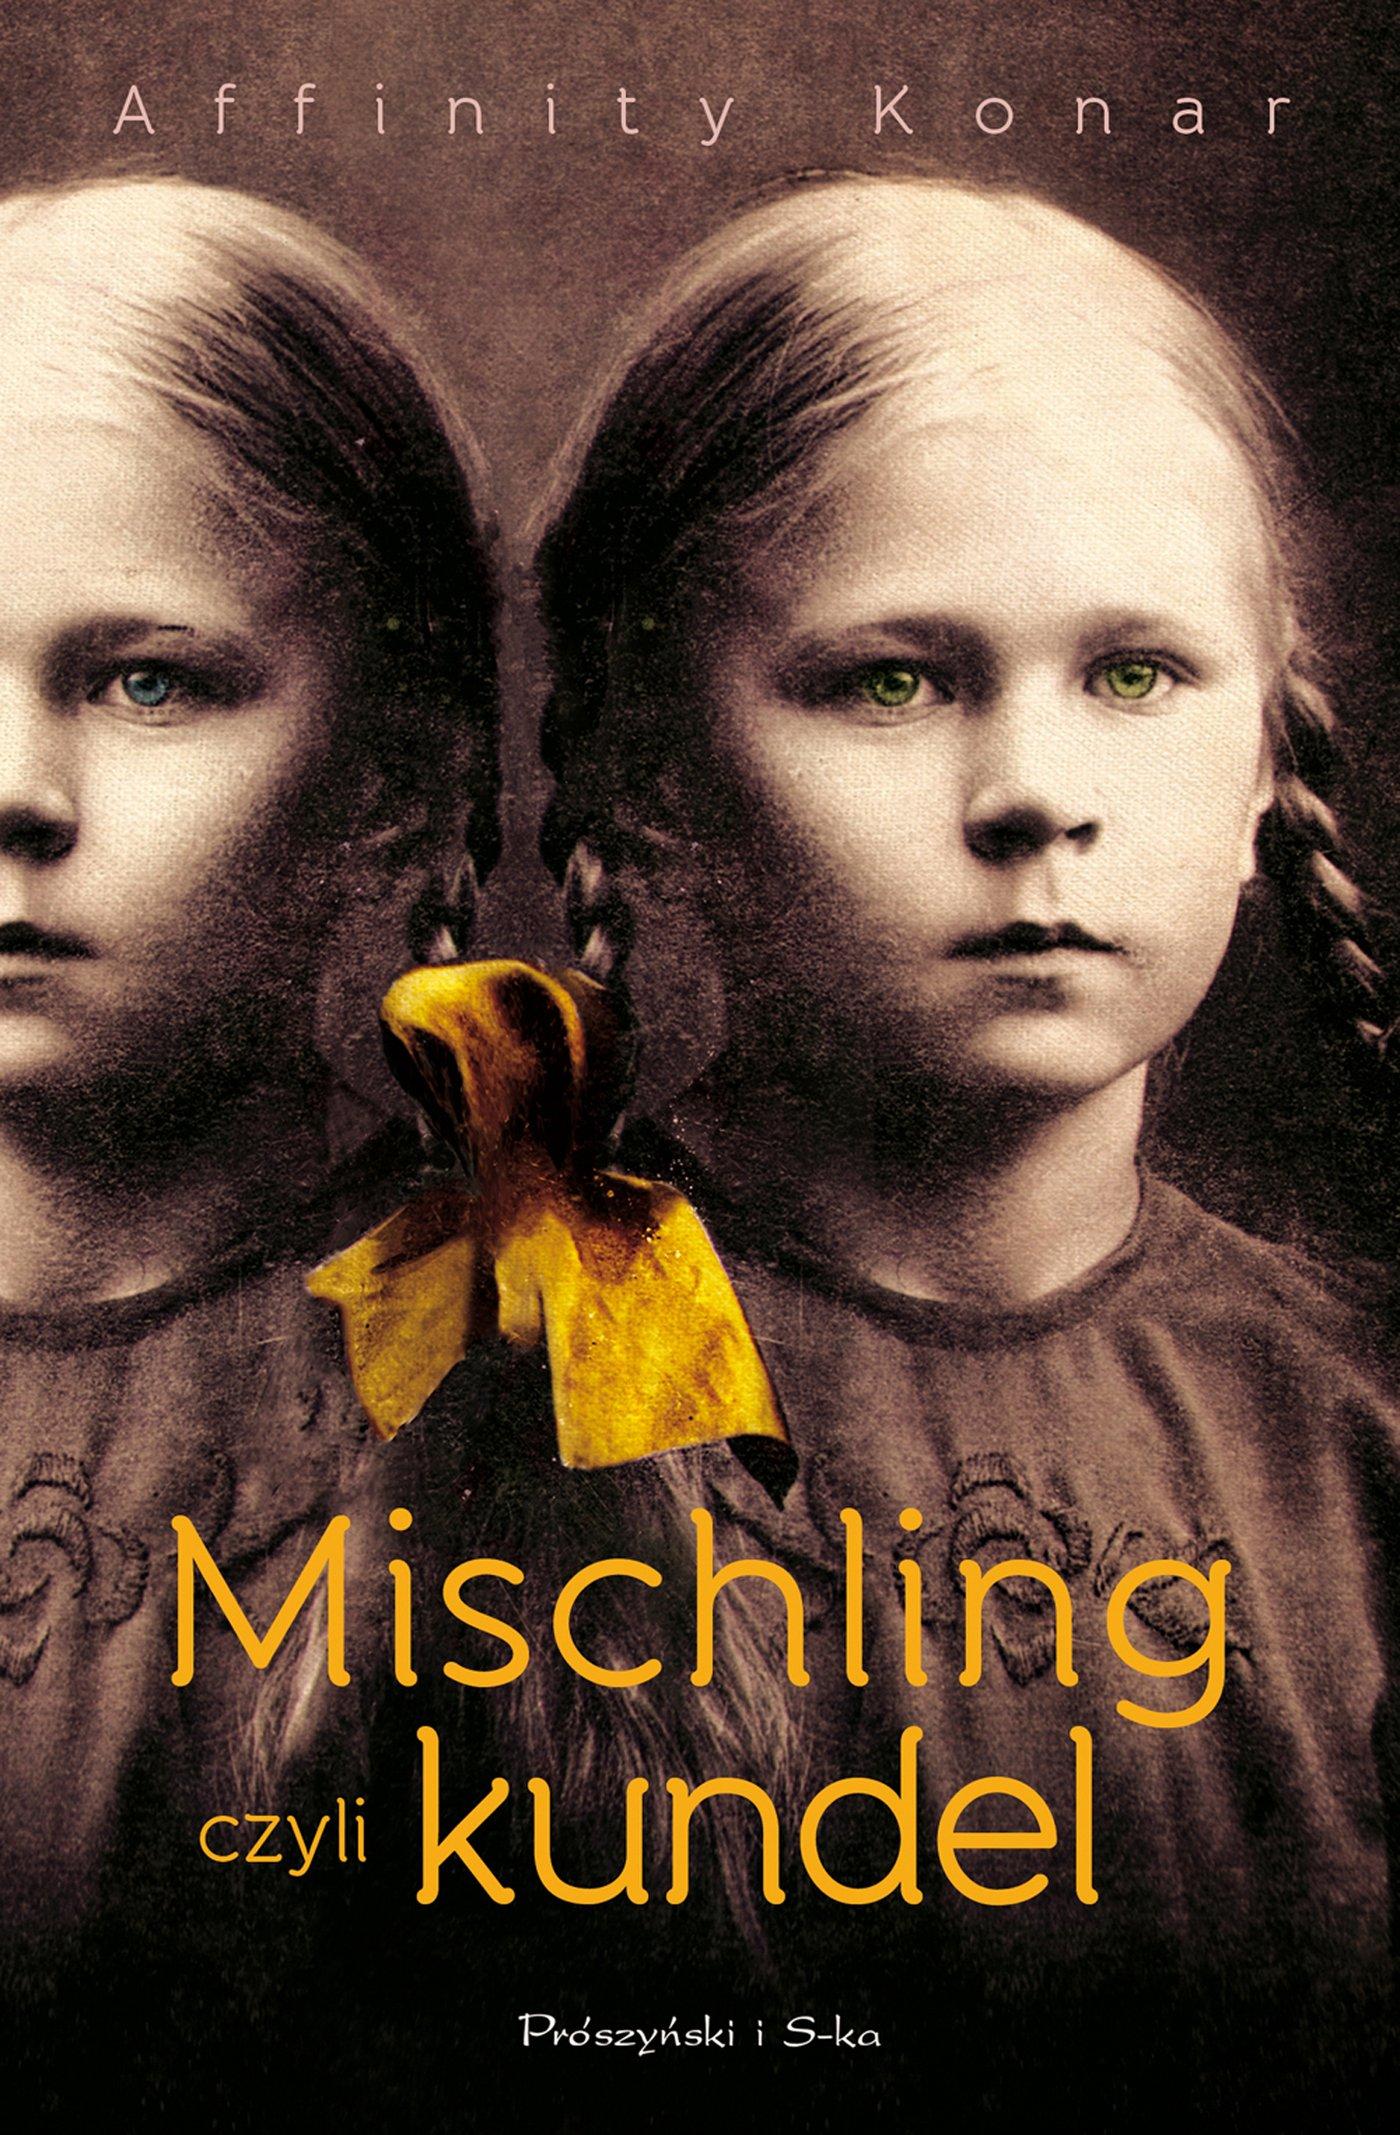 Mischling czyli kundel - Ebook (Książka EPUB) do pobrania w formacie EPUB